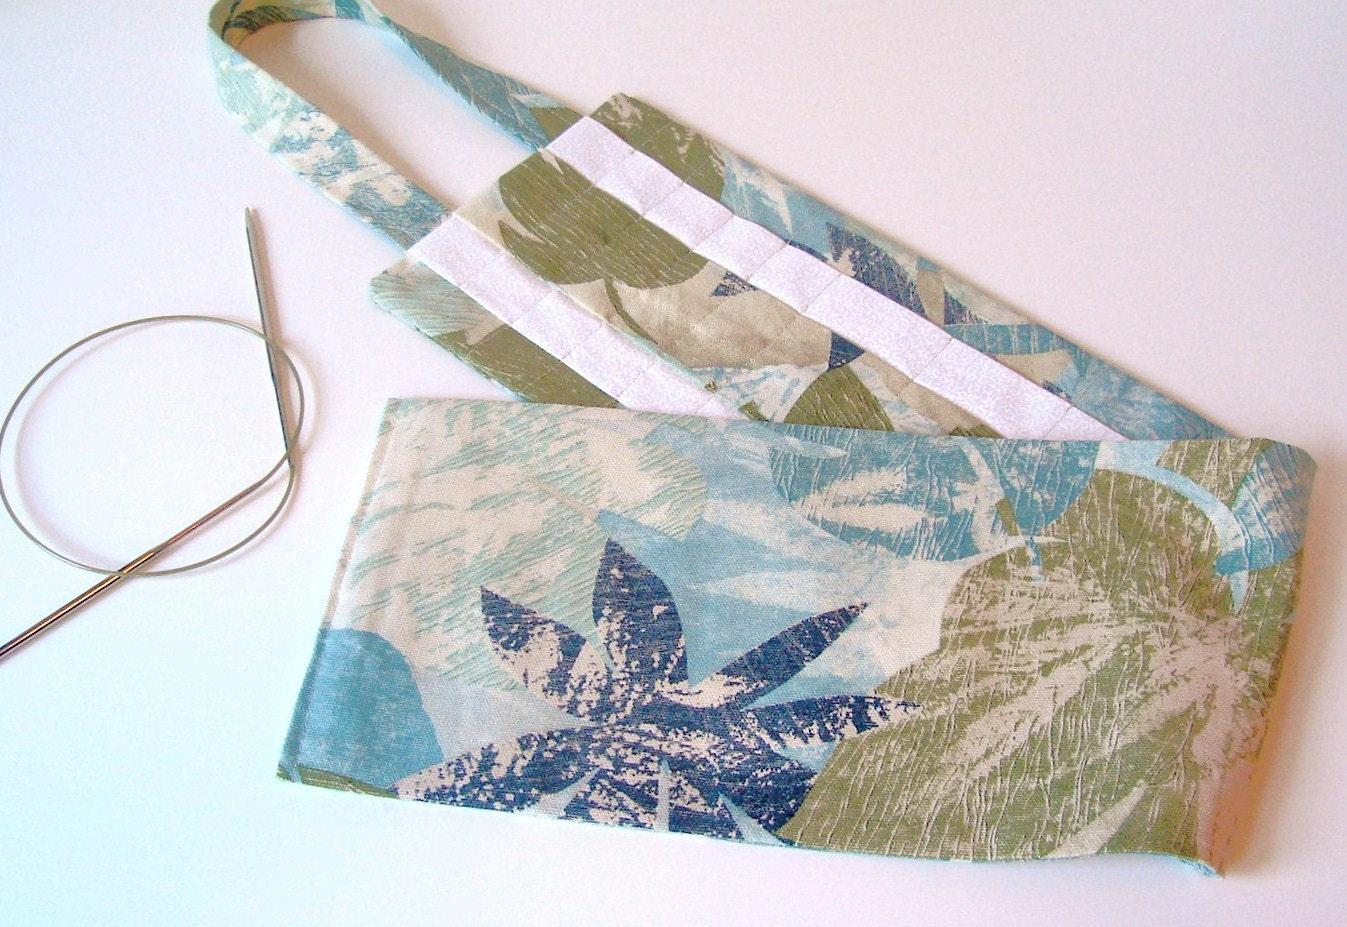 Knitting Needle Organizer : Hanging knitting needle organizer floral circular case